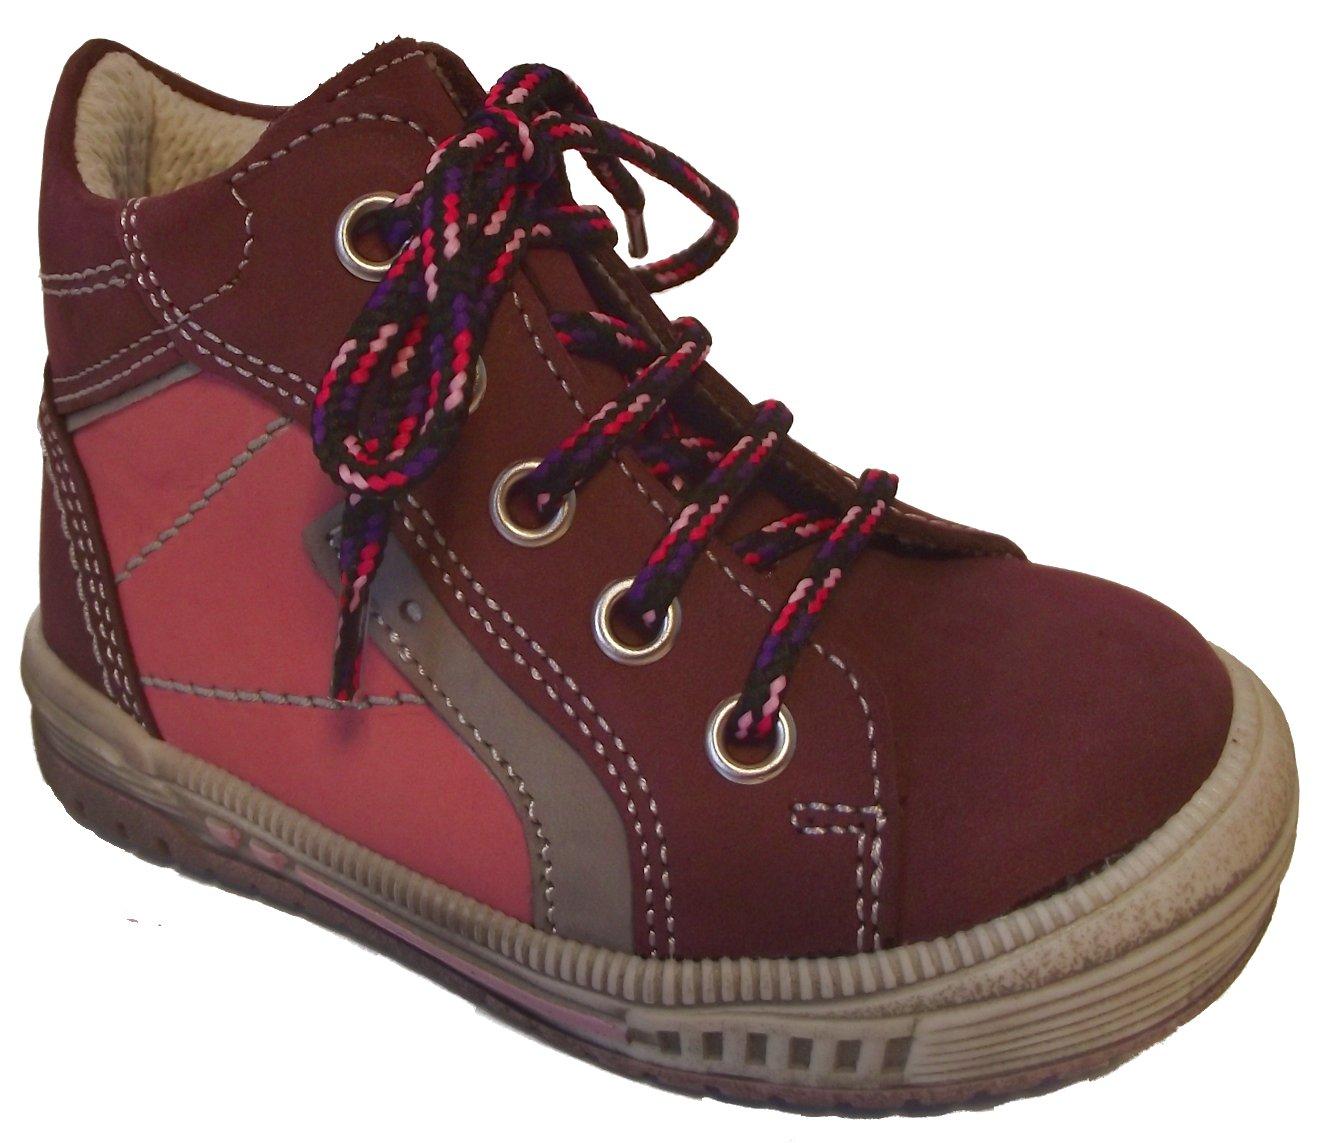 Dětské celoroční boty Essi S 2545 vínová Velikost: 24 (EU)